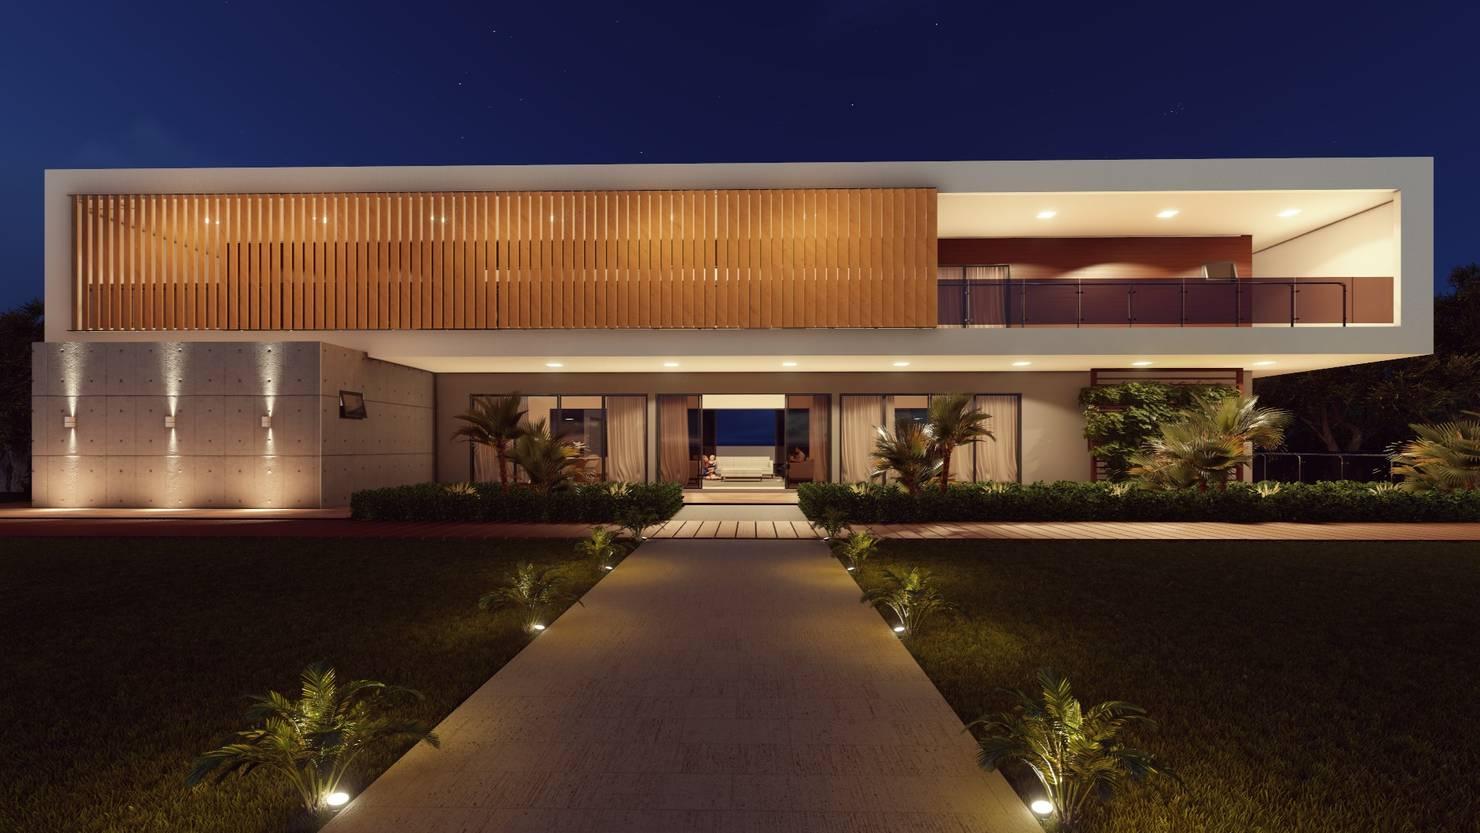 Arquitetura de casa contemporânea em Manaus